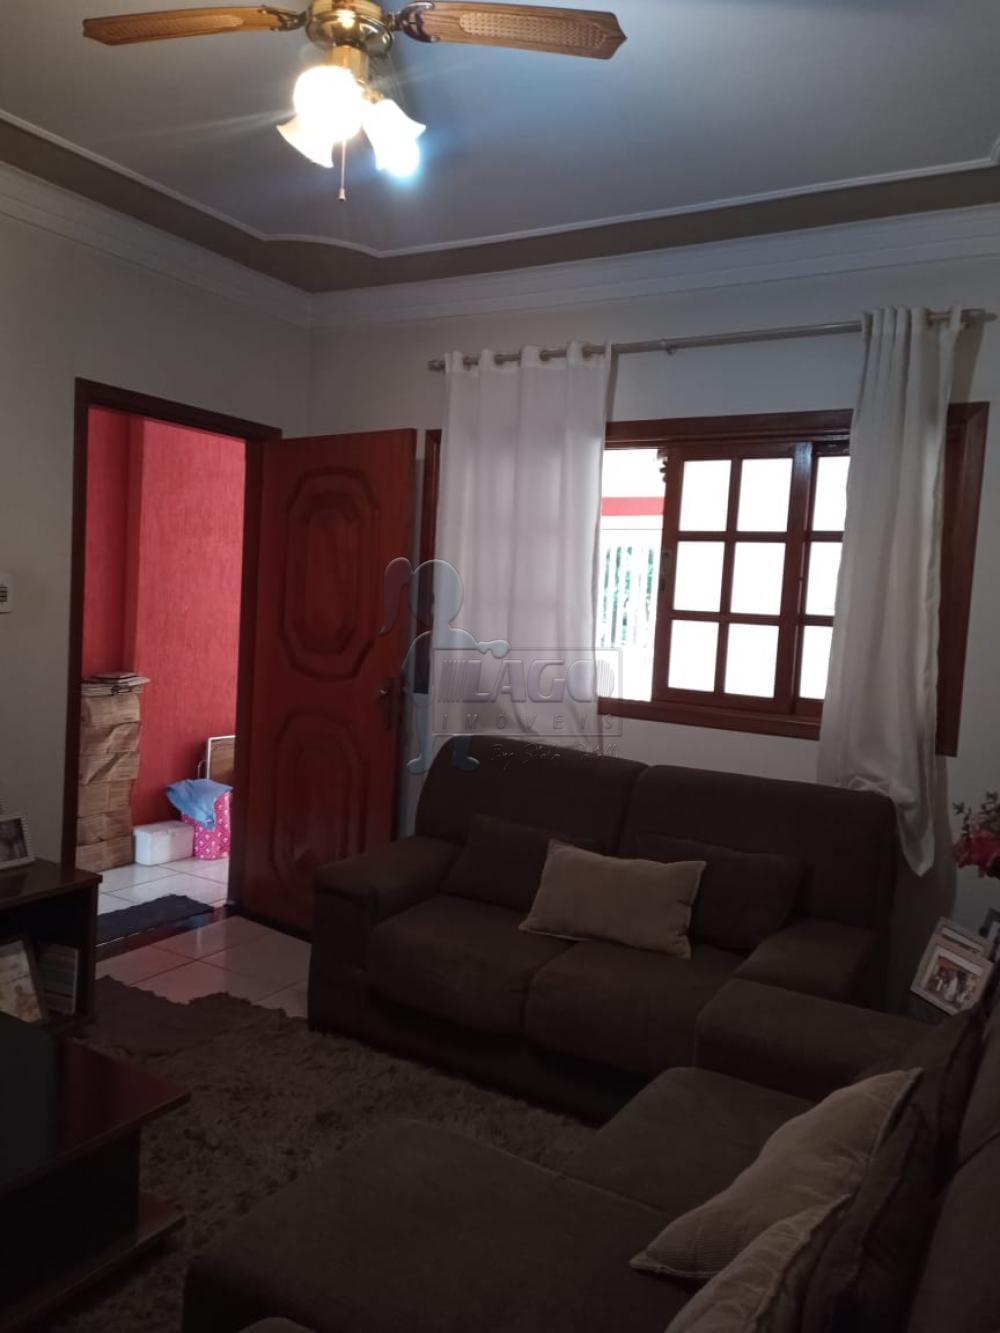 Comprar Casas / Padrão em Ribeirão Preto R$ 265.000,00 - Foto 1